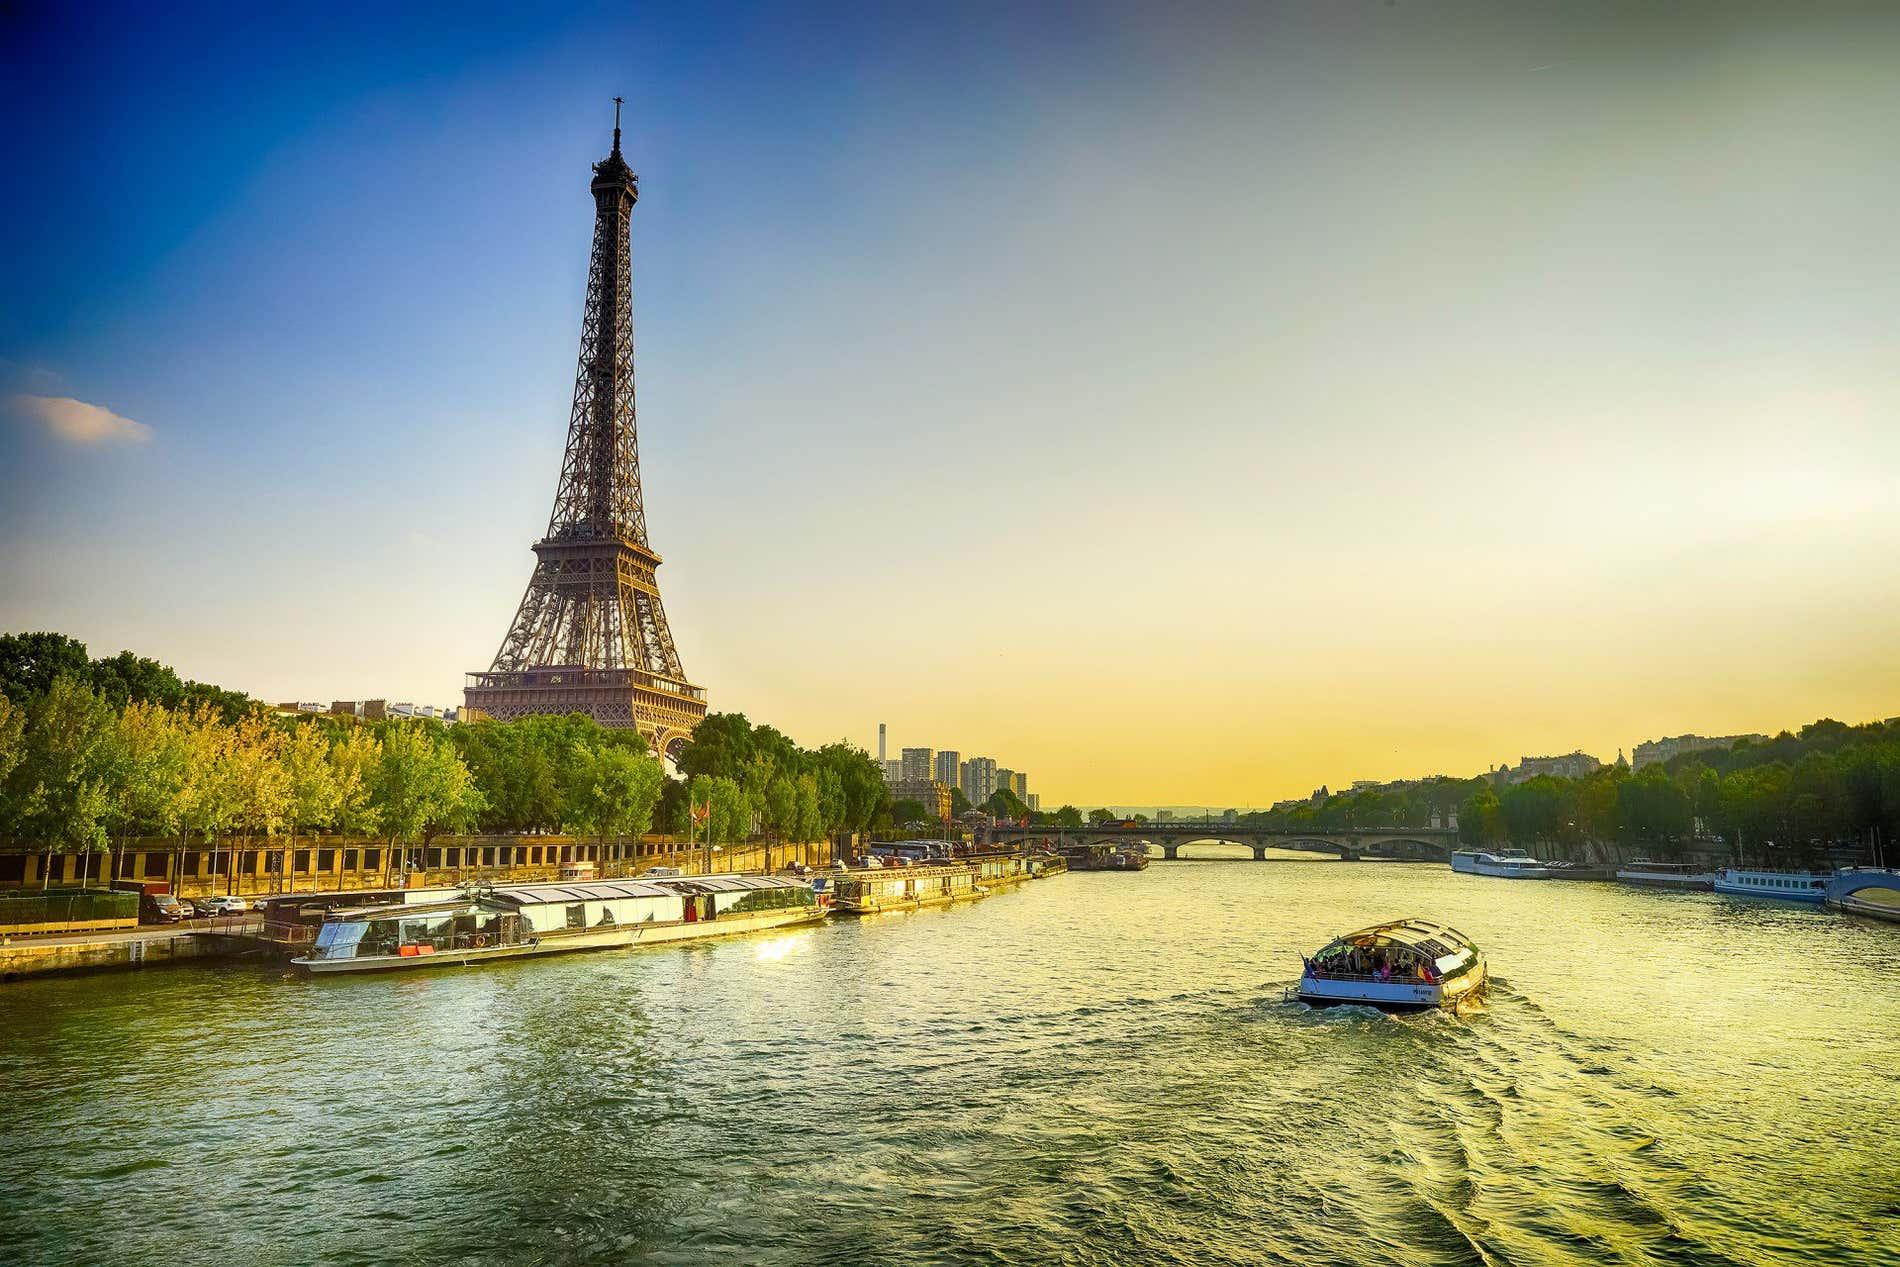 Les 10 villes incontournables de France